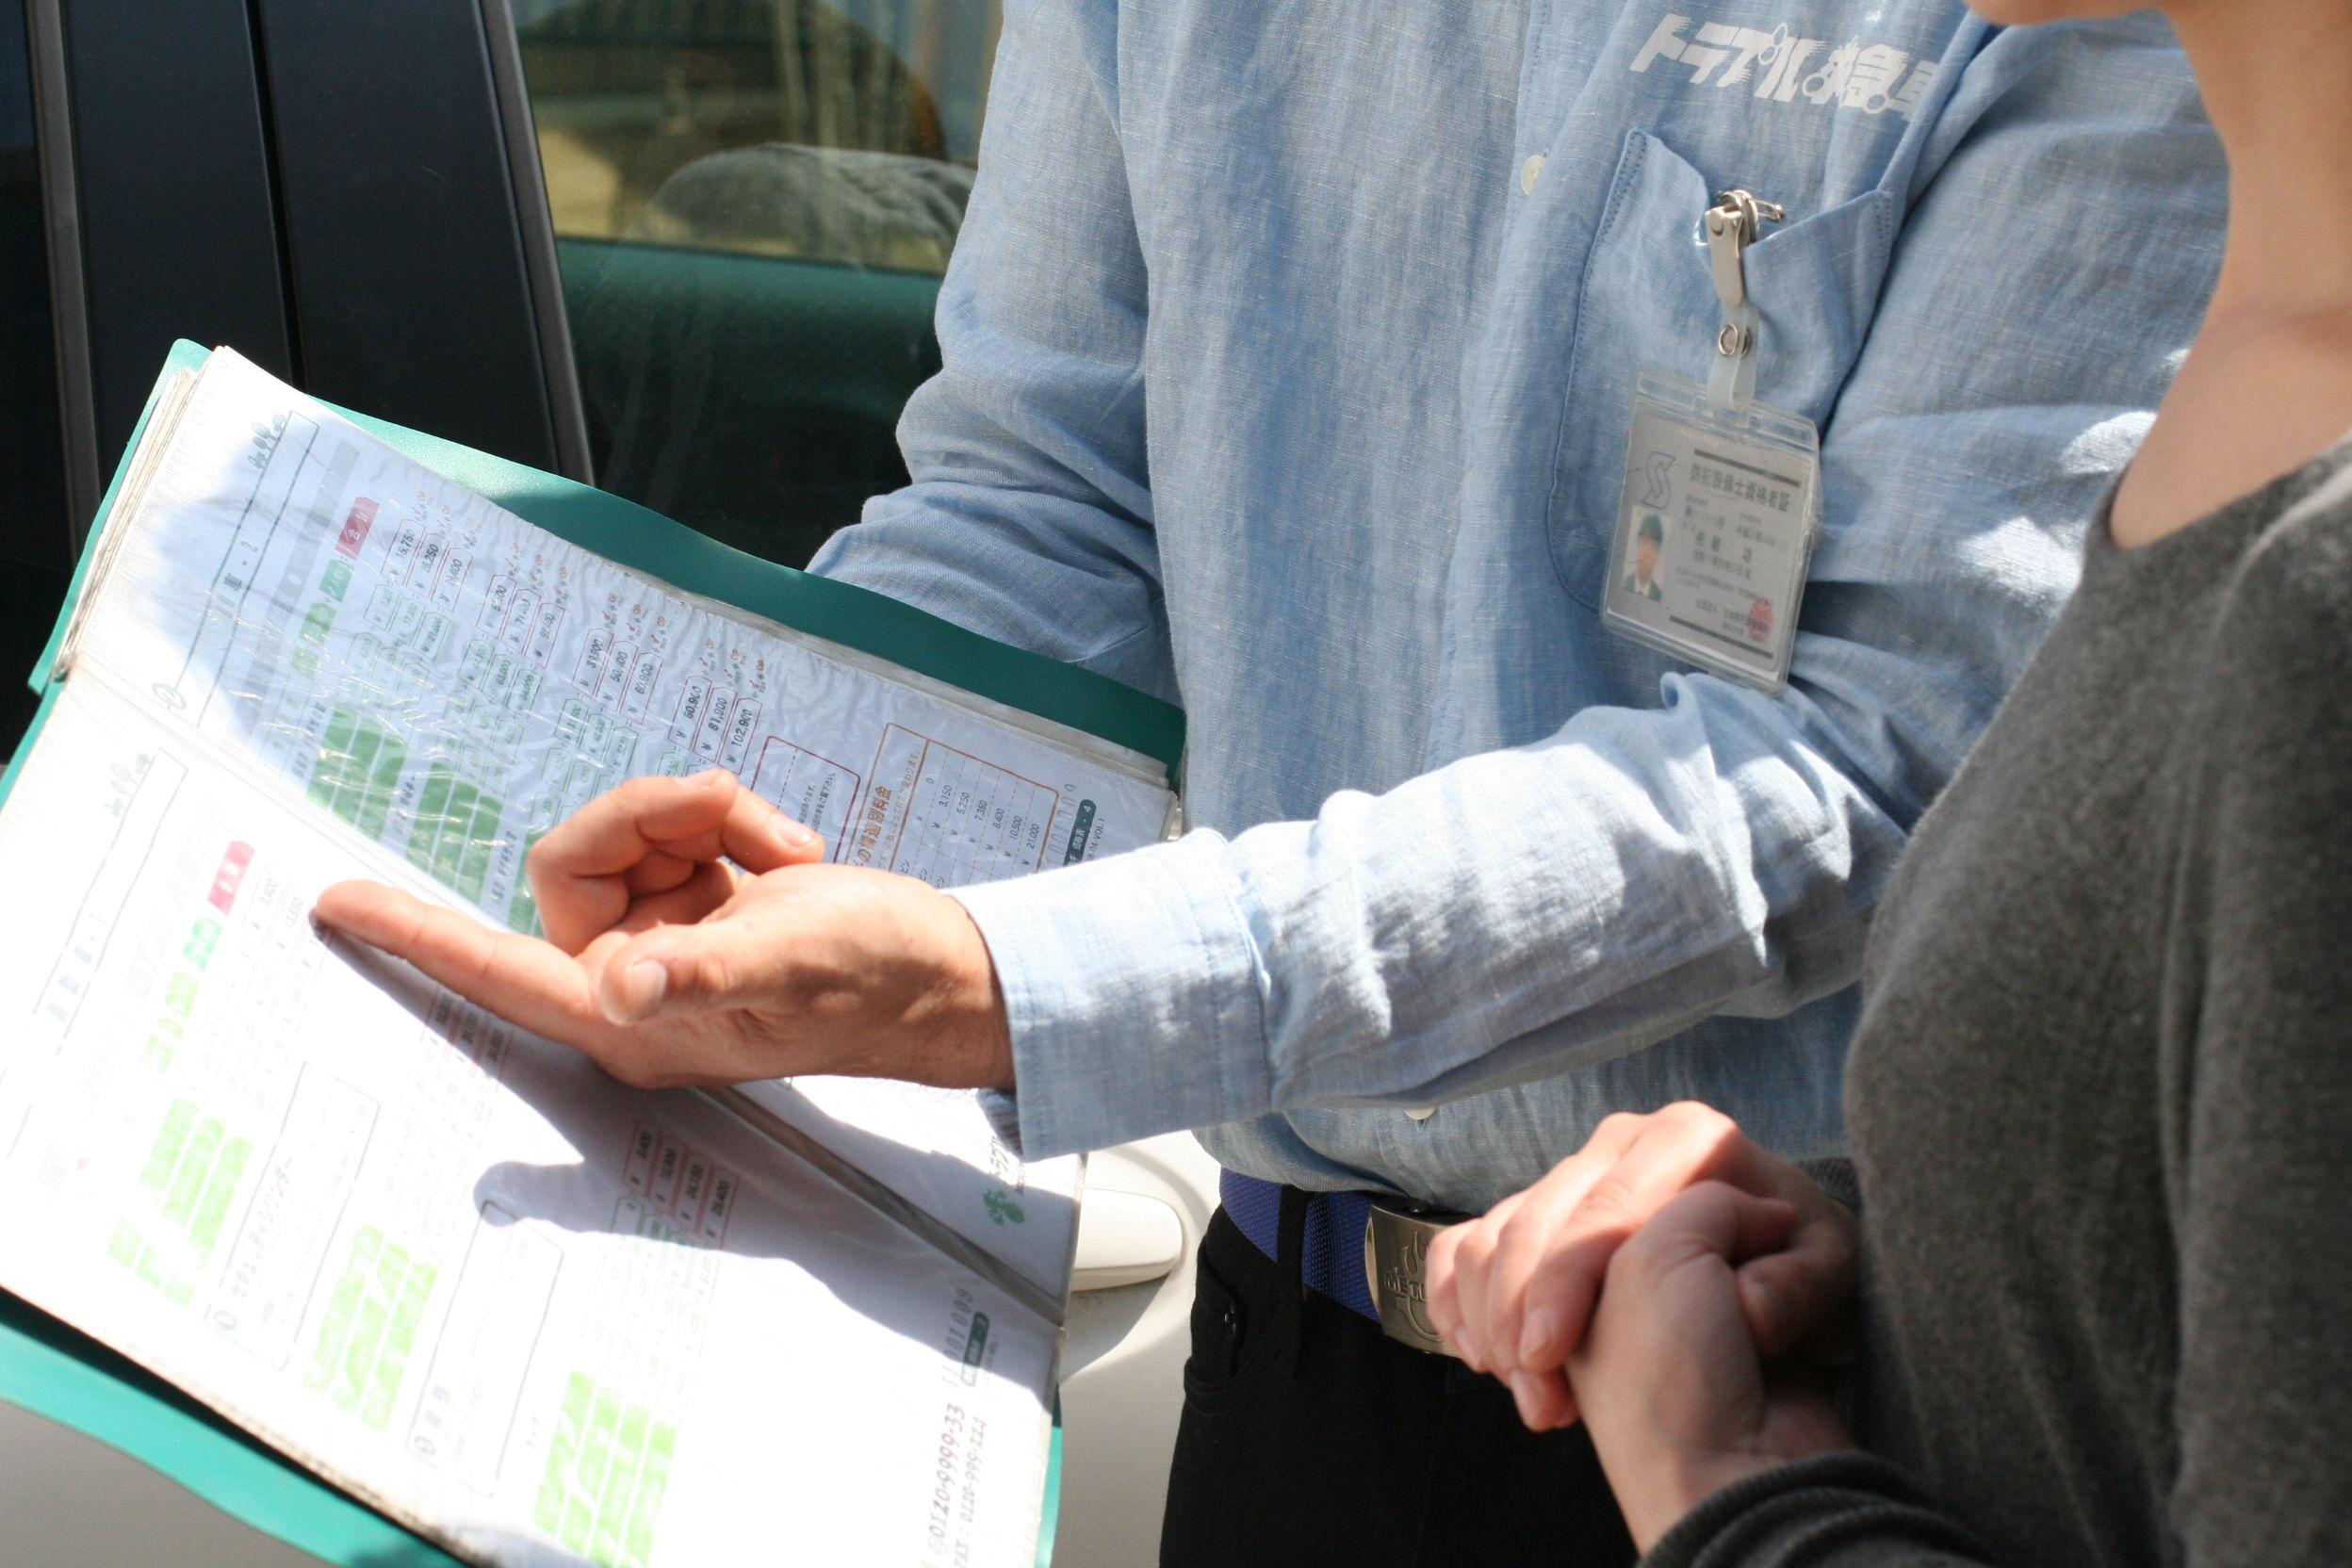 カギのトラブル救急車【西多摩郡日の出町 出張エリア】のメイン画像